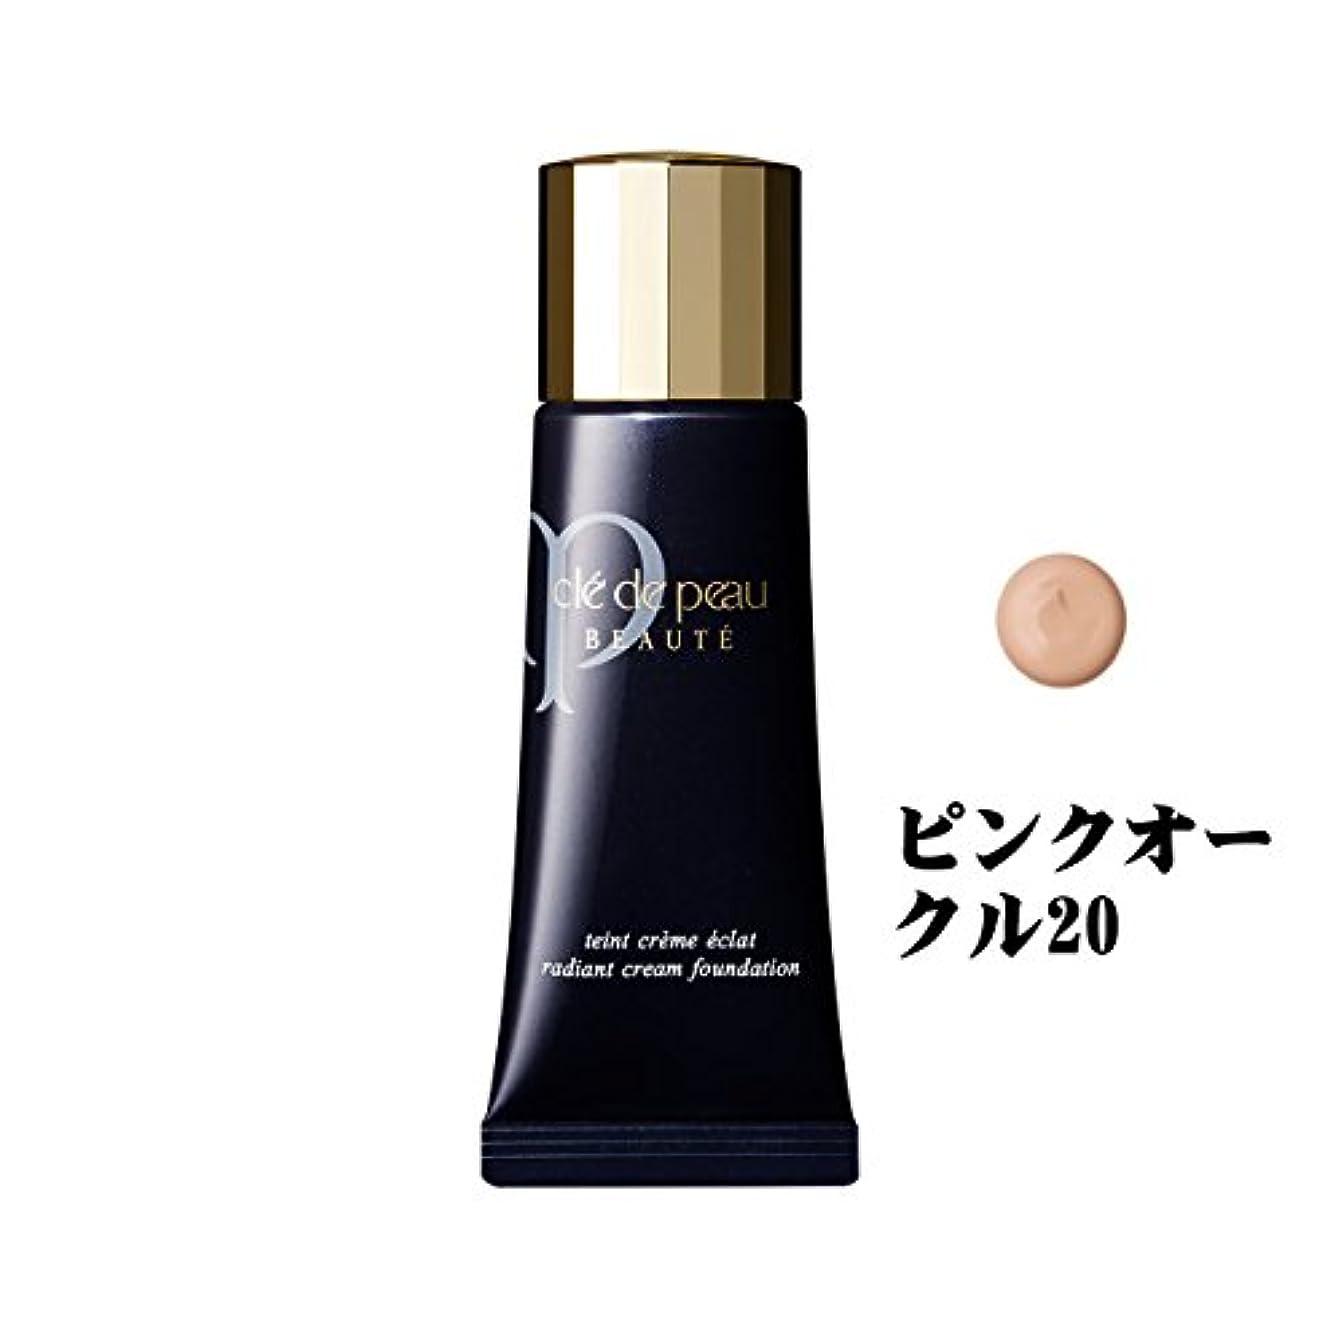 後者削除する印象的資生堂/shiseido クレドポーボーテ/CPB タンクレームエクラ クリームタイプ SPF25?PA++ ピンクオークル20